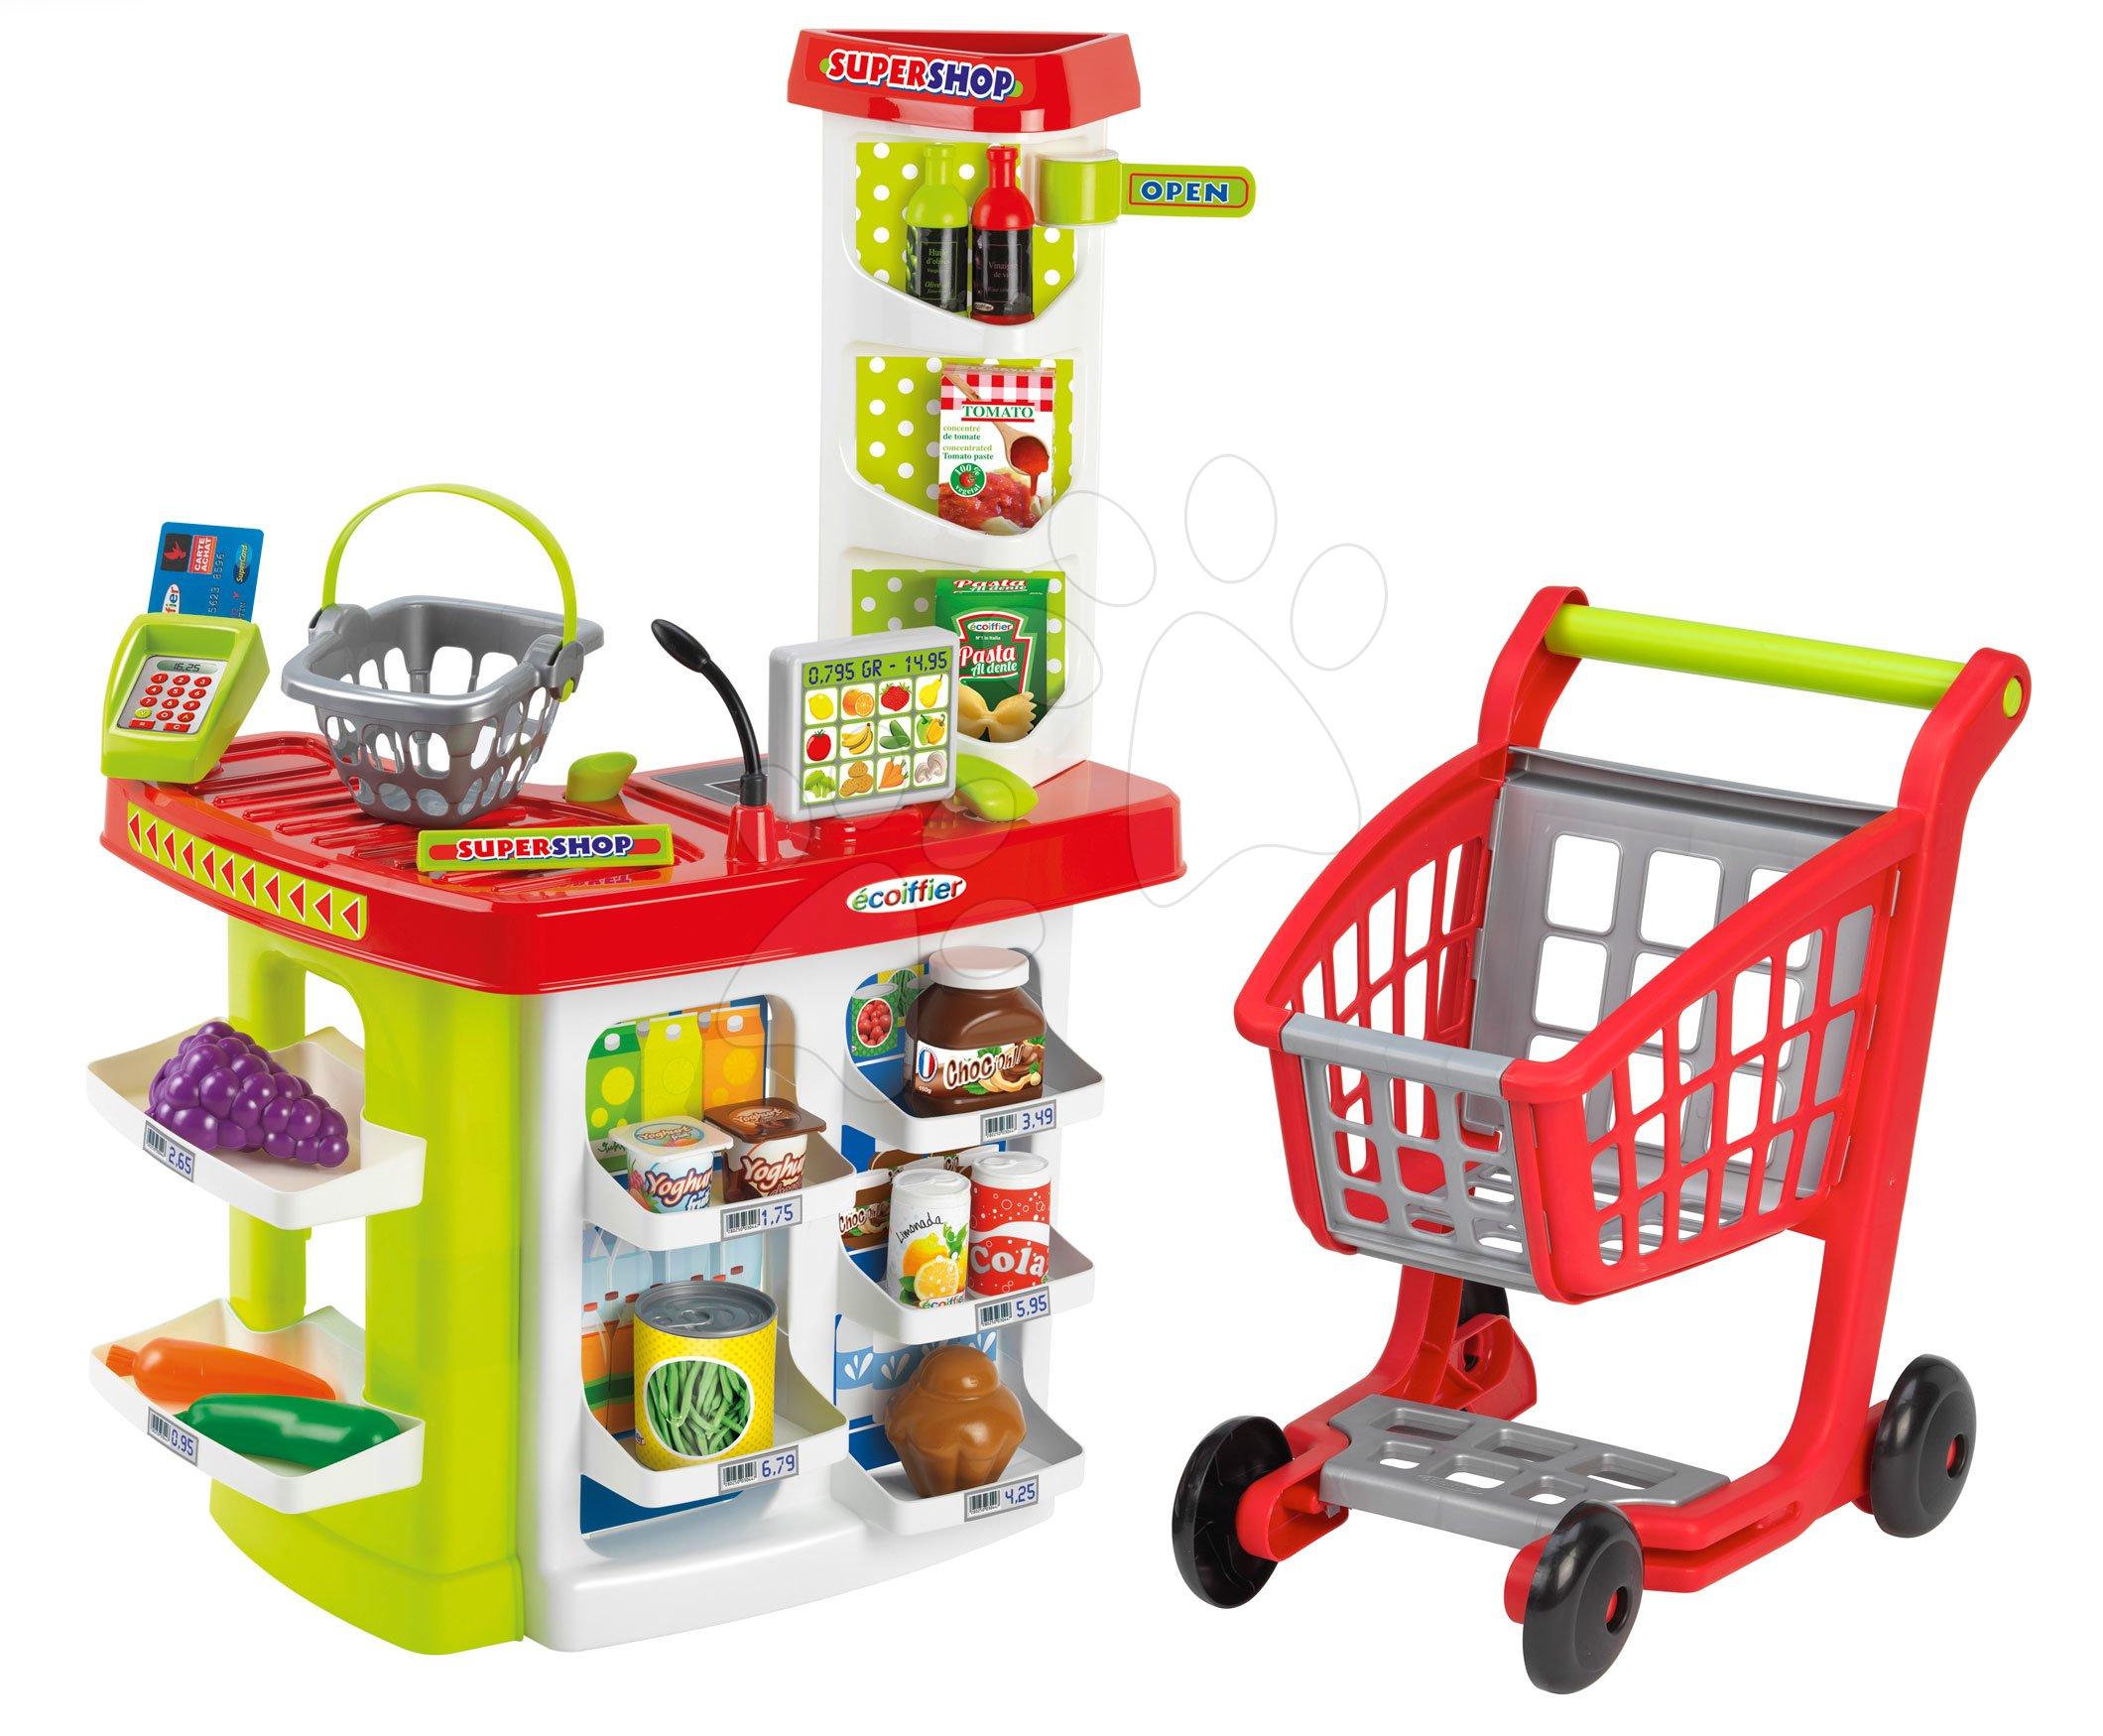 Obchod supermarket s nákupním vozíkem 100% Chef Écoiffier s pokladnou a potravinami od 18 měsíců